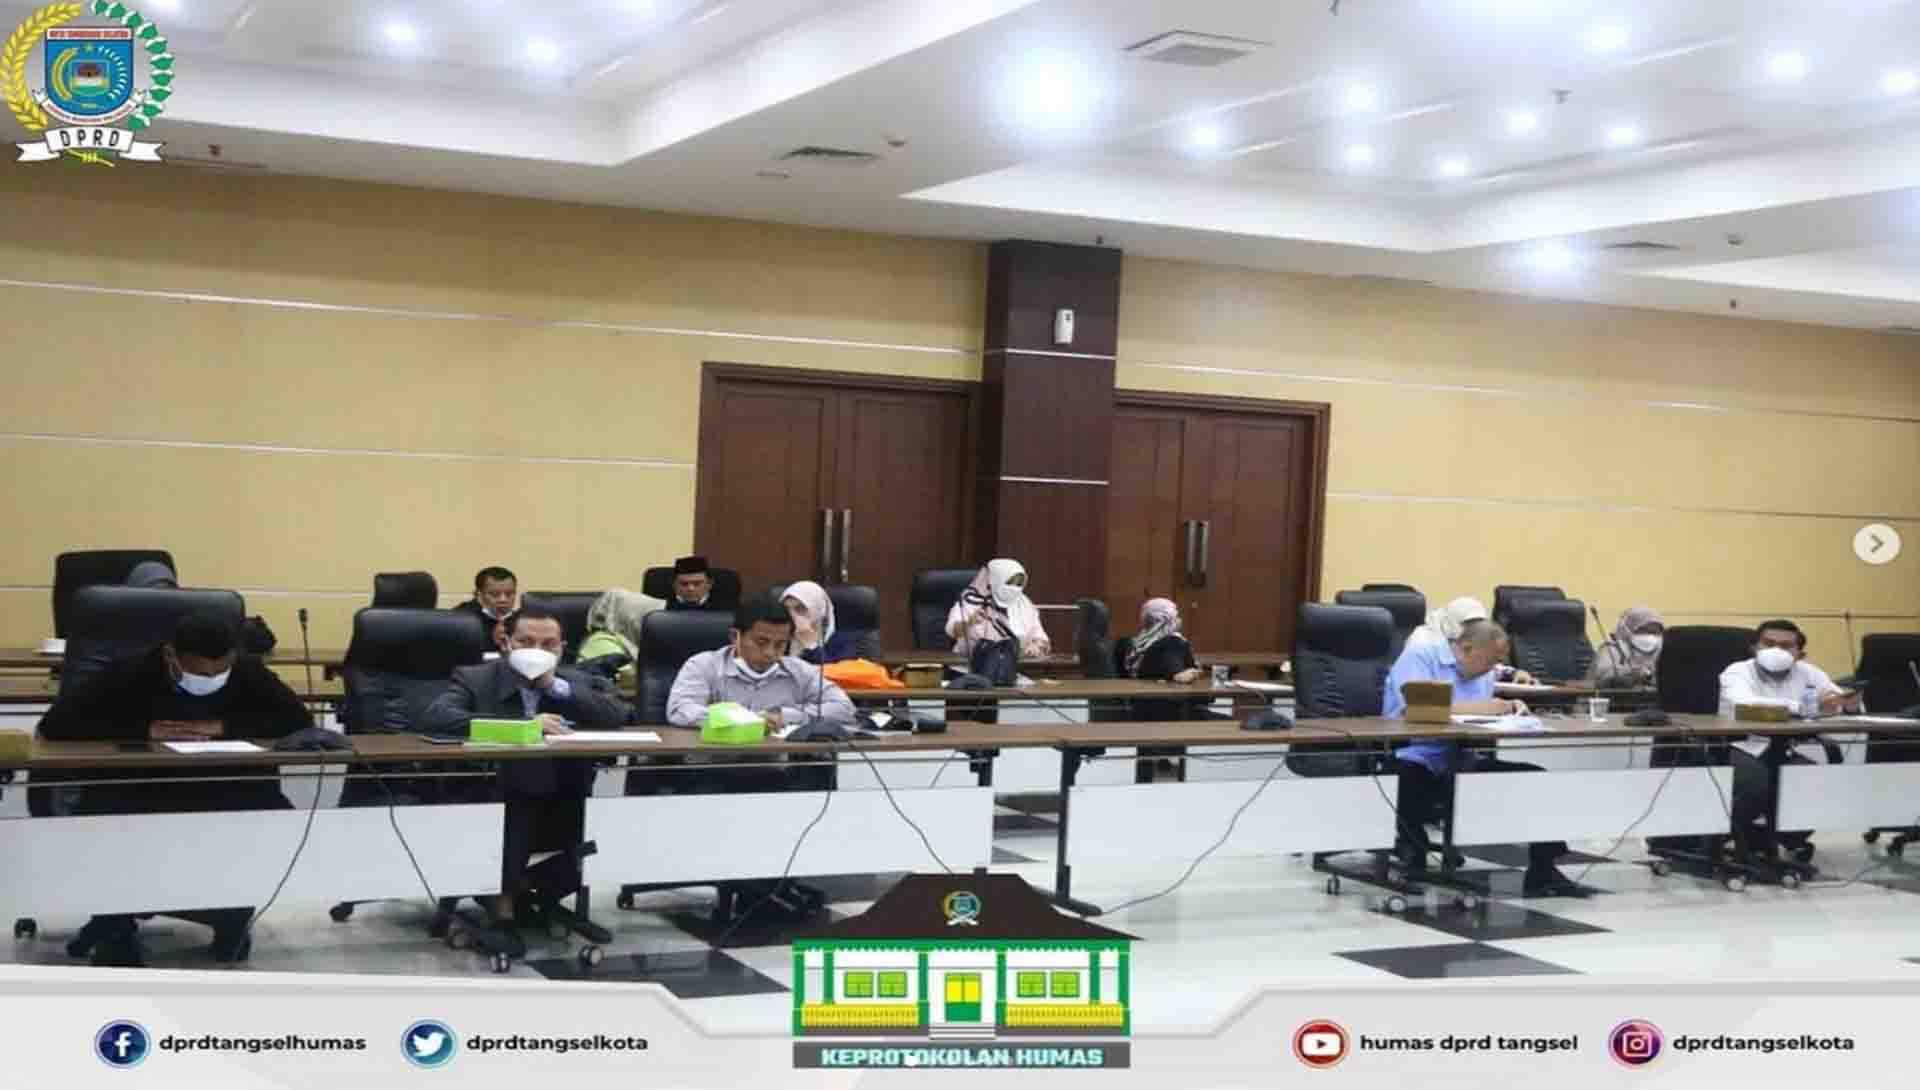 Rapat Badan Musyawarah dengan Agenda Penjadwalan Kegiatan AKD